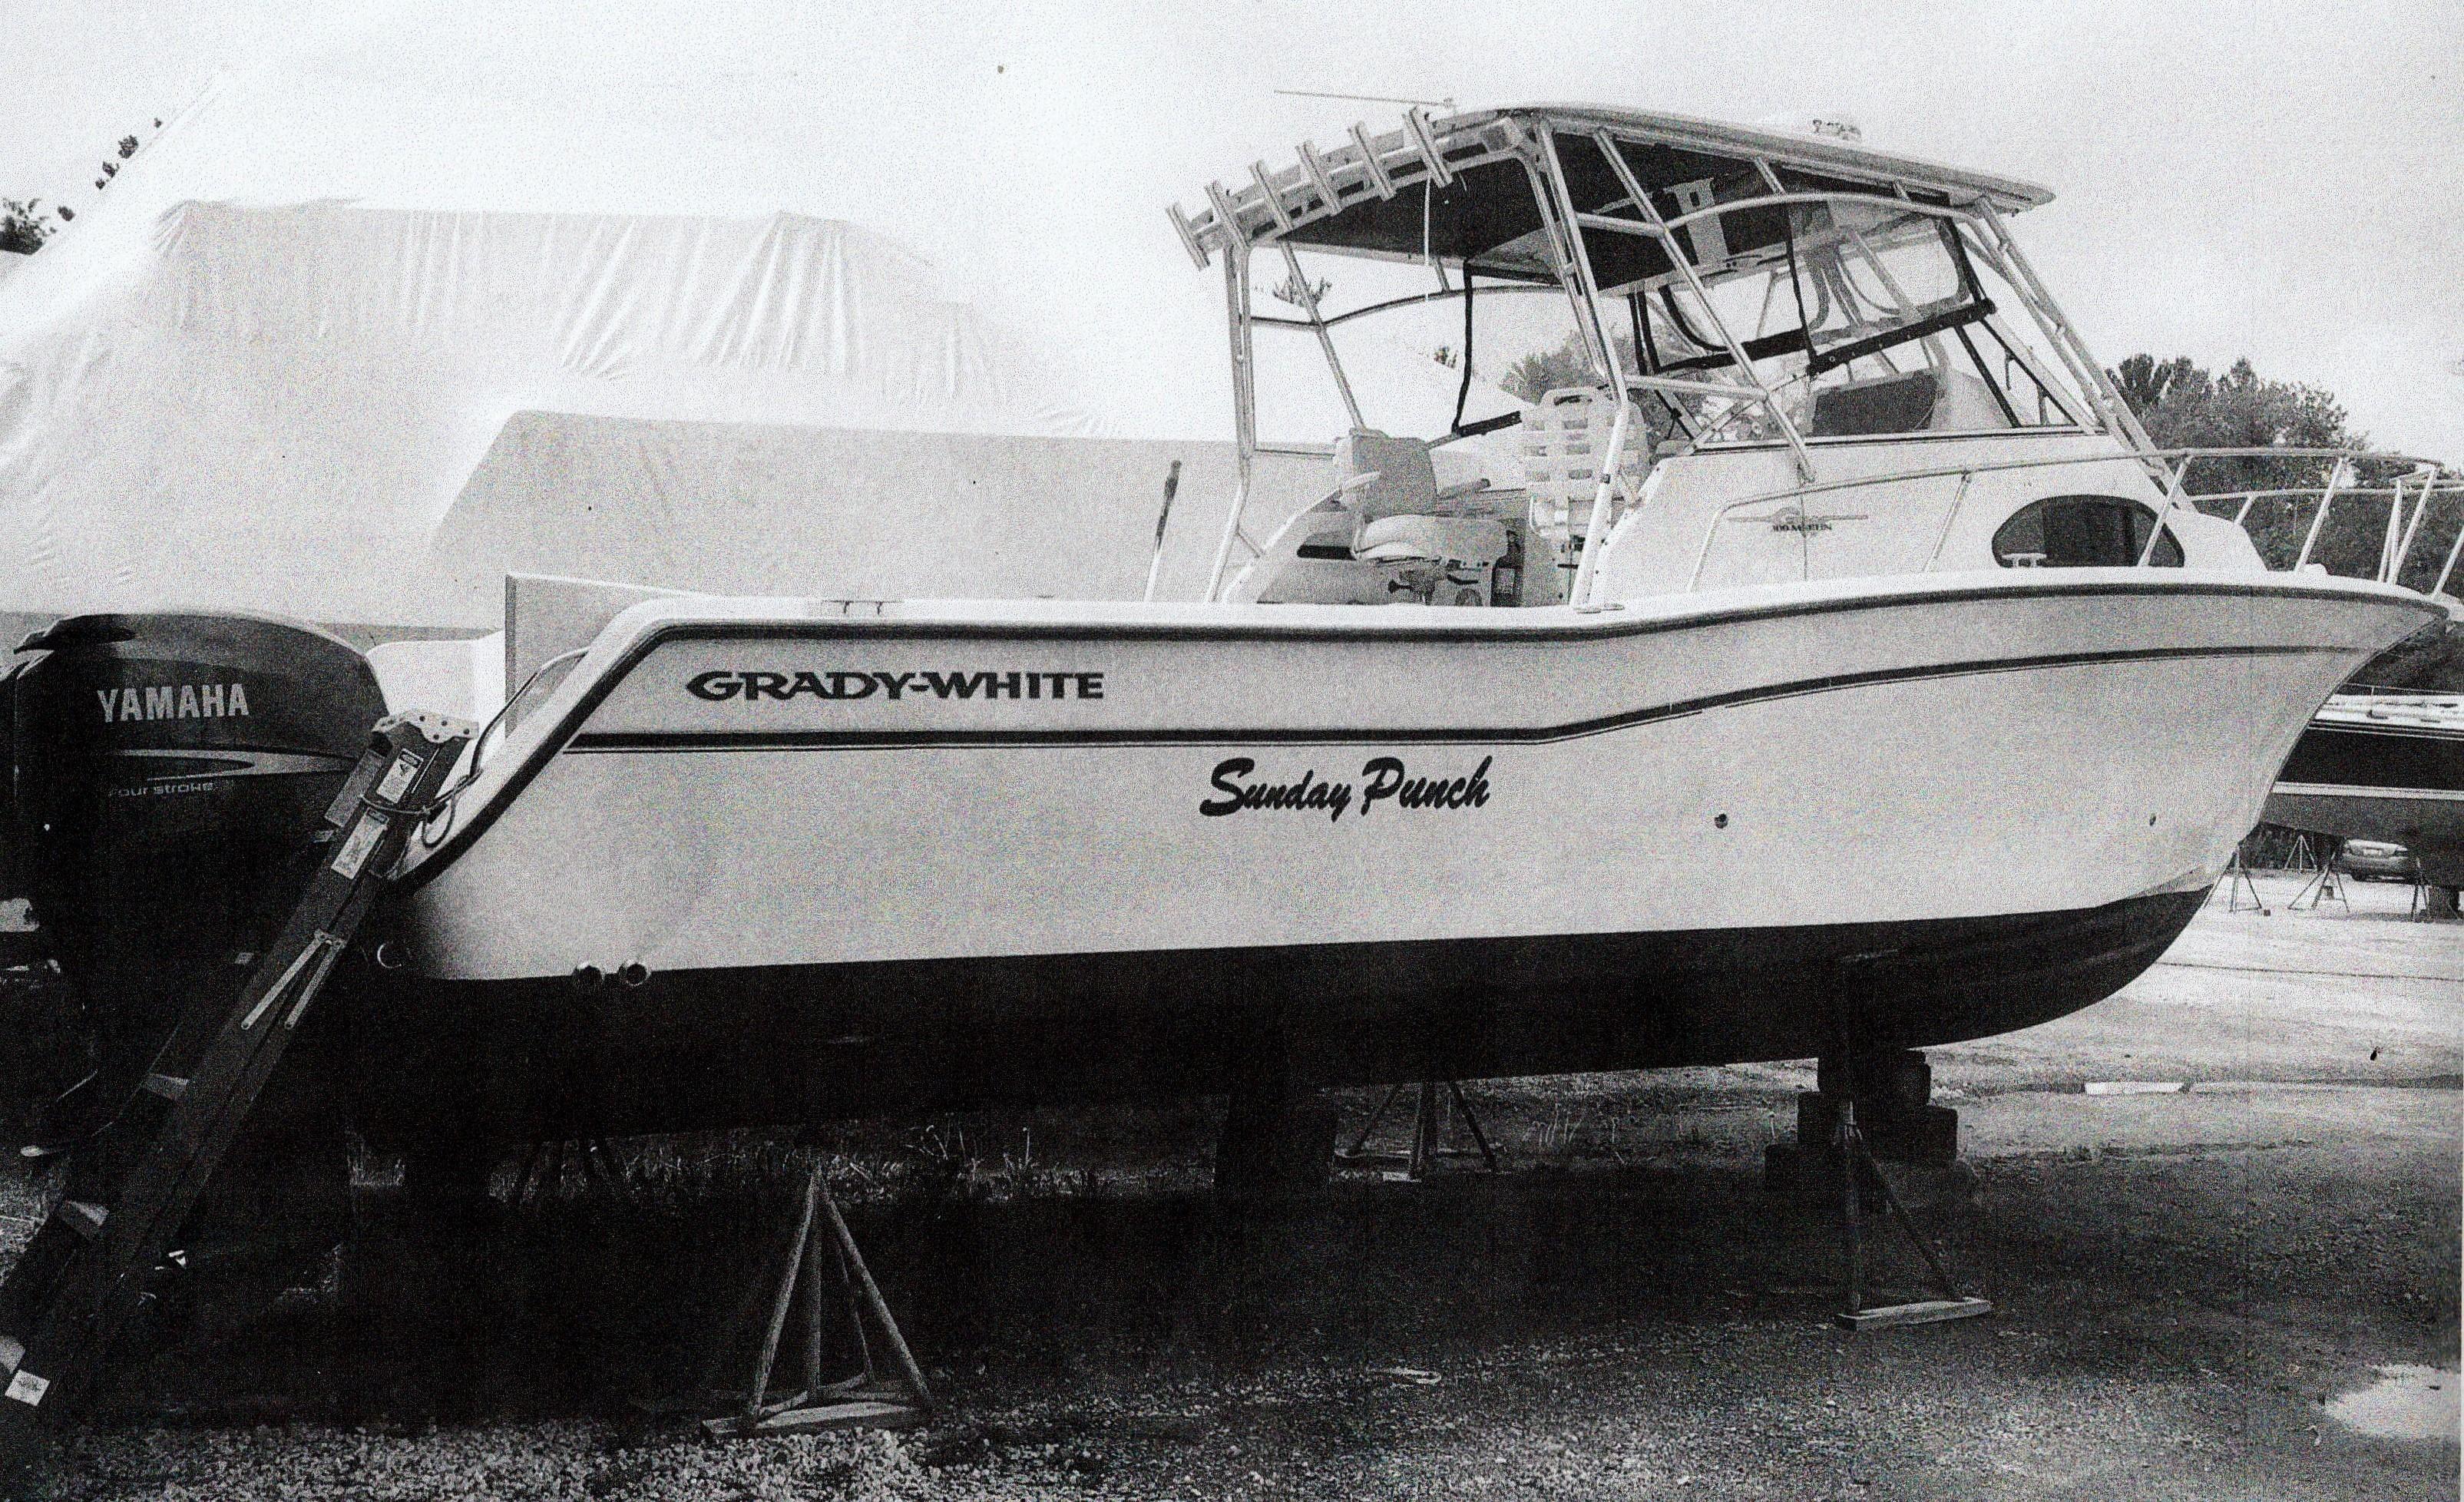 2002 Grady-White 30 Marlin 300 Power Boat For Sale - www